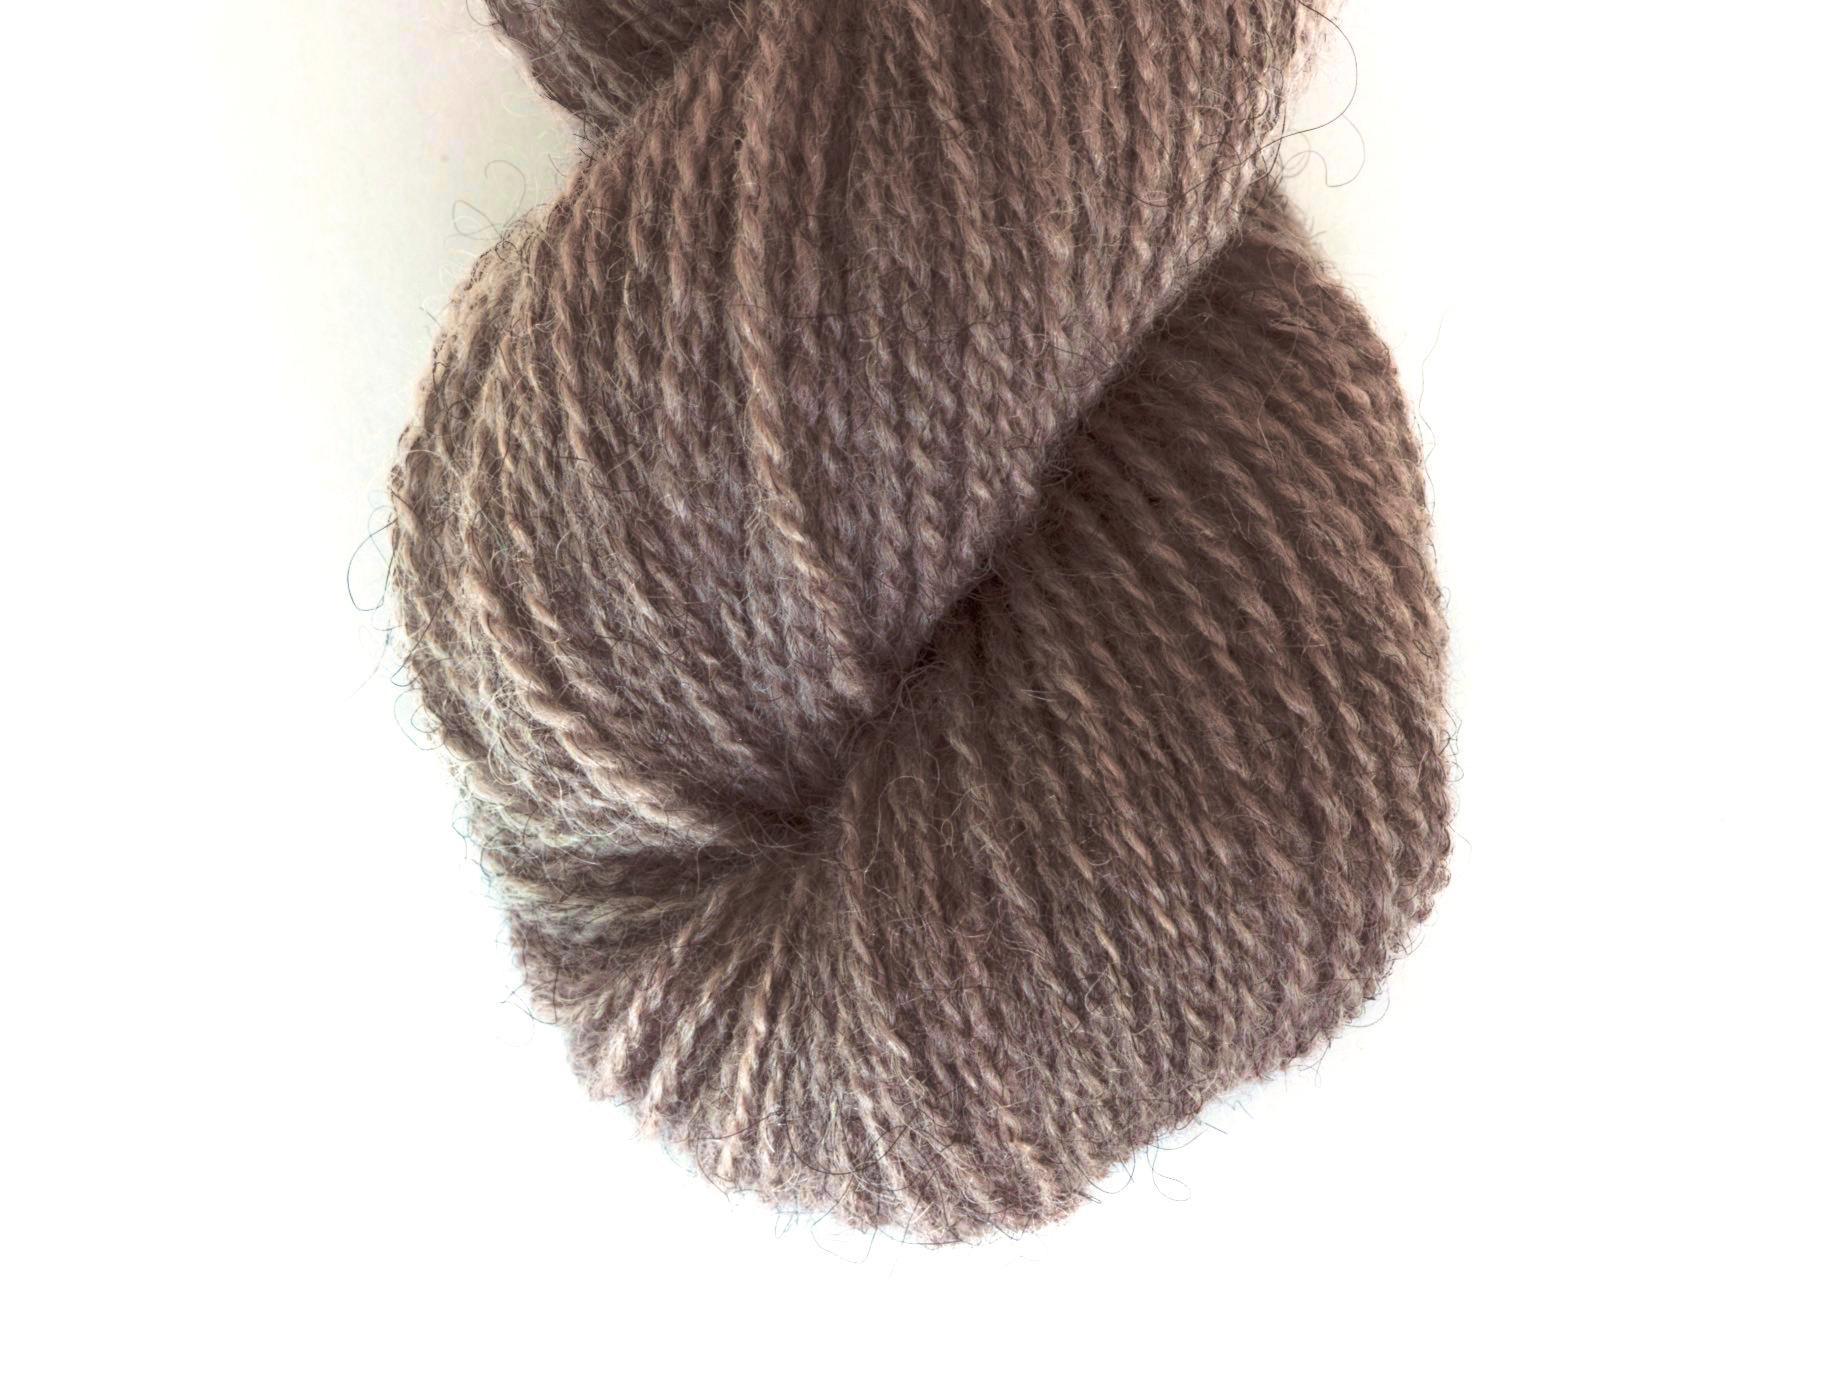 Bohus Stickning garn yarn BS 115 natural brown wool